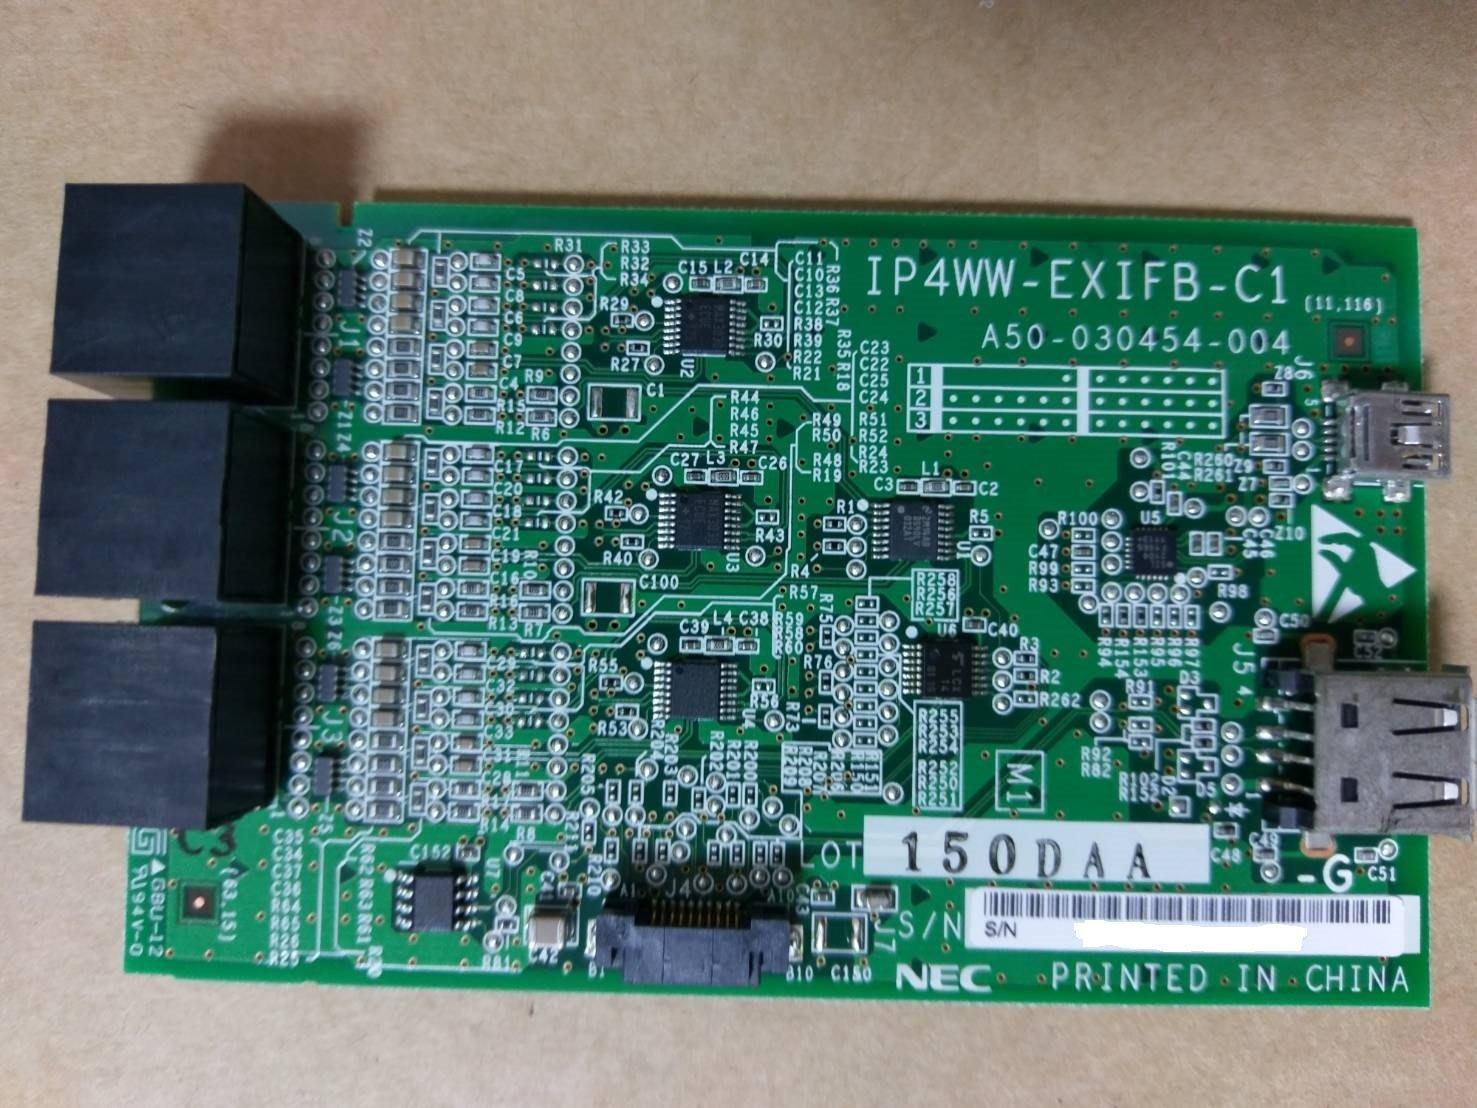 {非新品} NEC SL1000 IP4WW-EXIFB-C1 擴充櫃連接卡~優良總機系統配件~